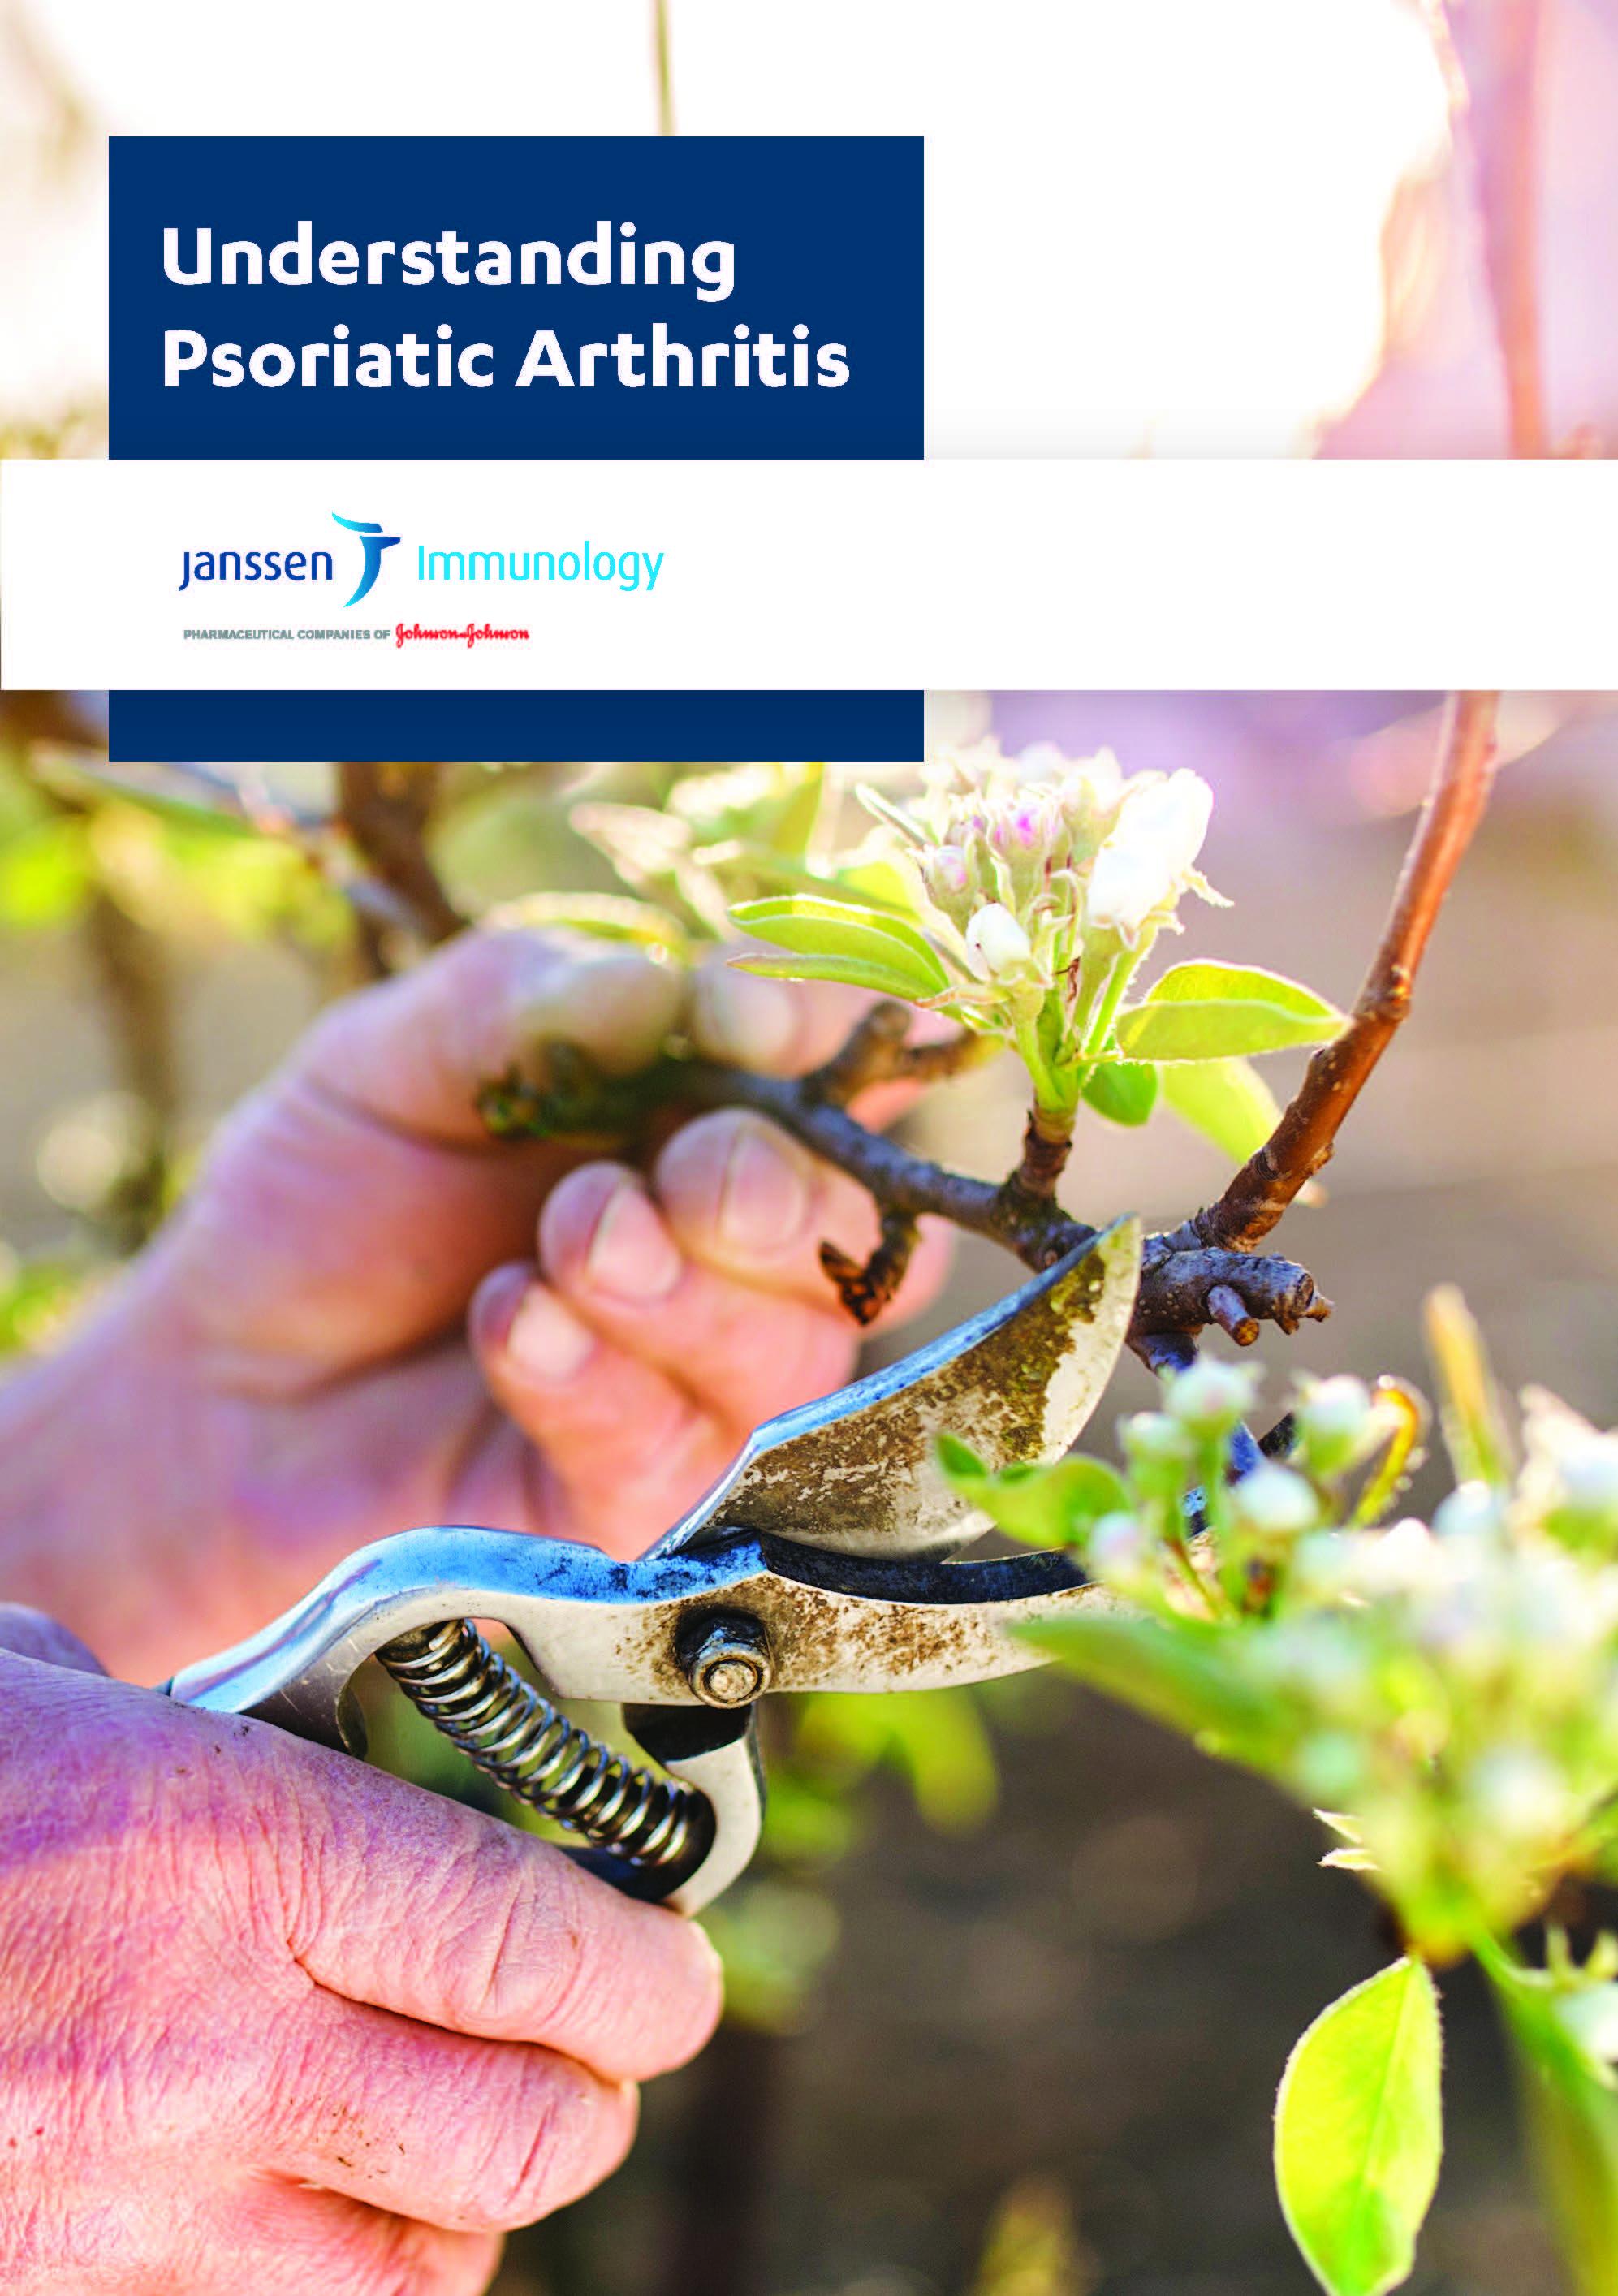 Understanding Psoriatic Arthritis